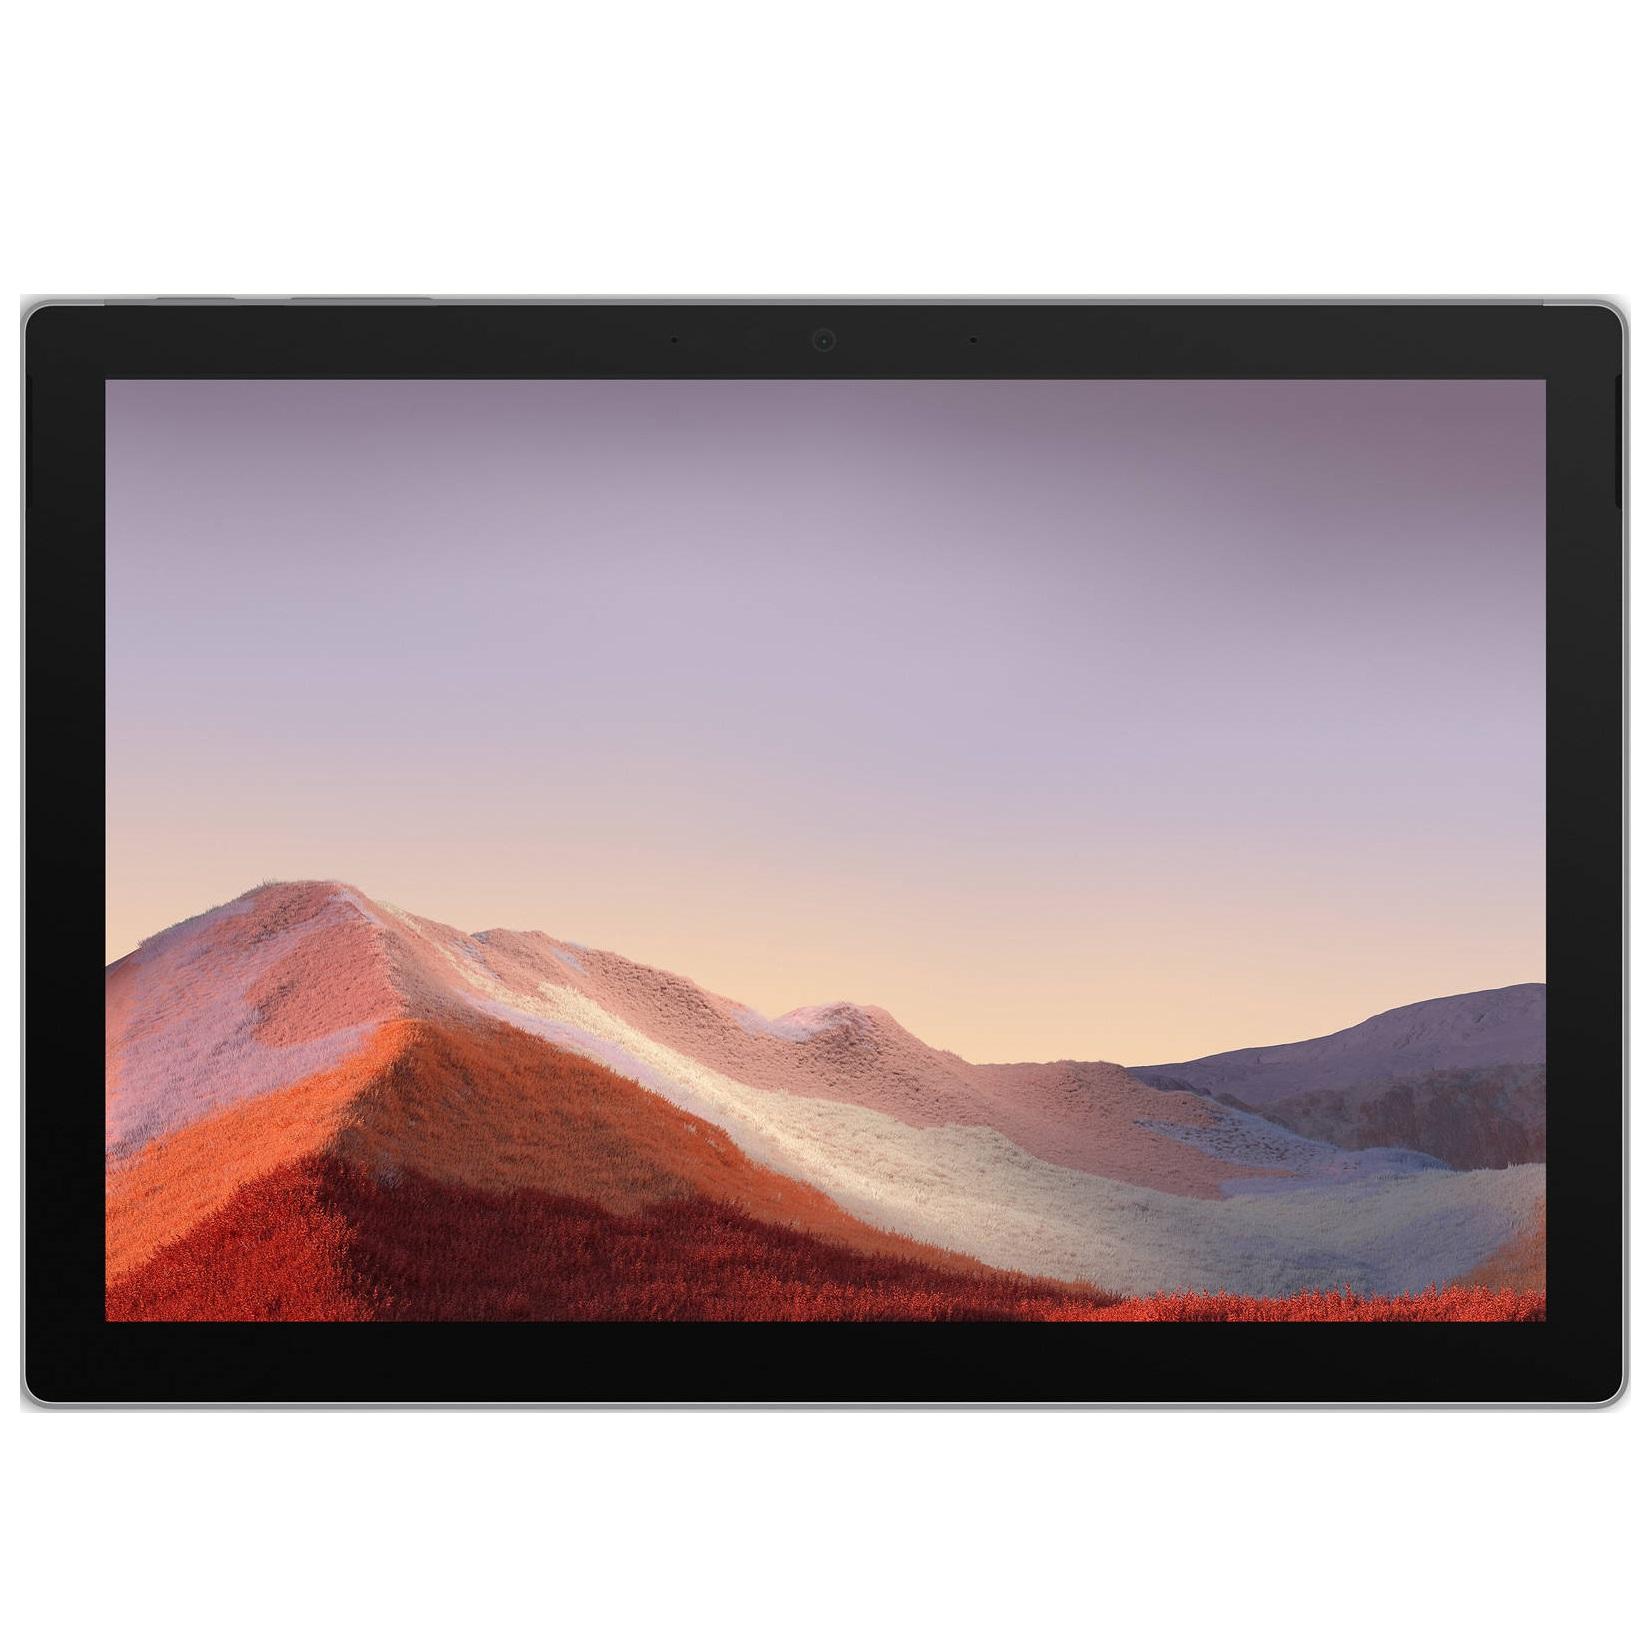 فروش نقدی و اقساطی تبلت مایکروسافت مدل Surface Pro 7 - E ظرفیت 256 گیگابایت